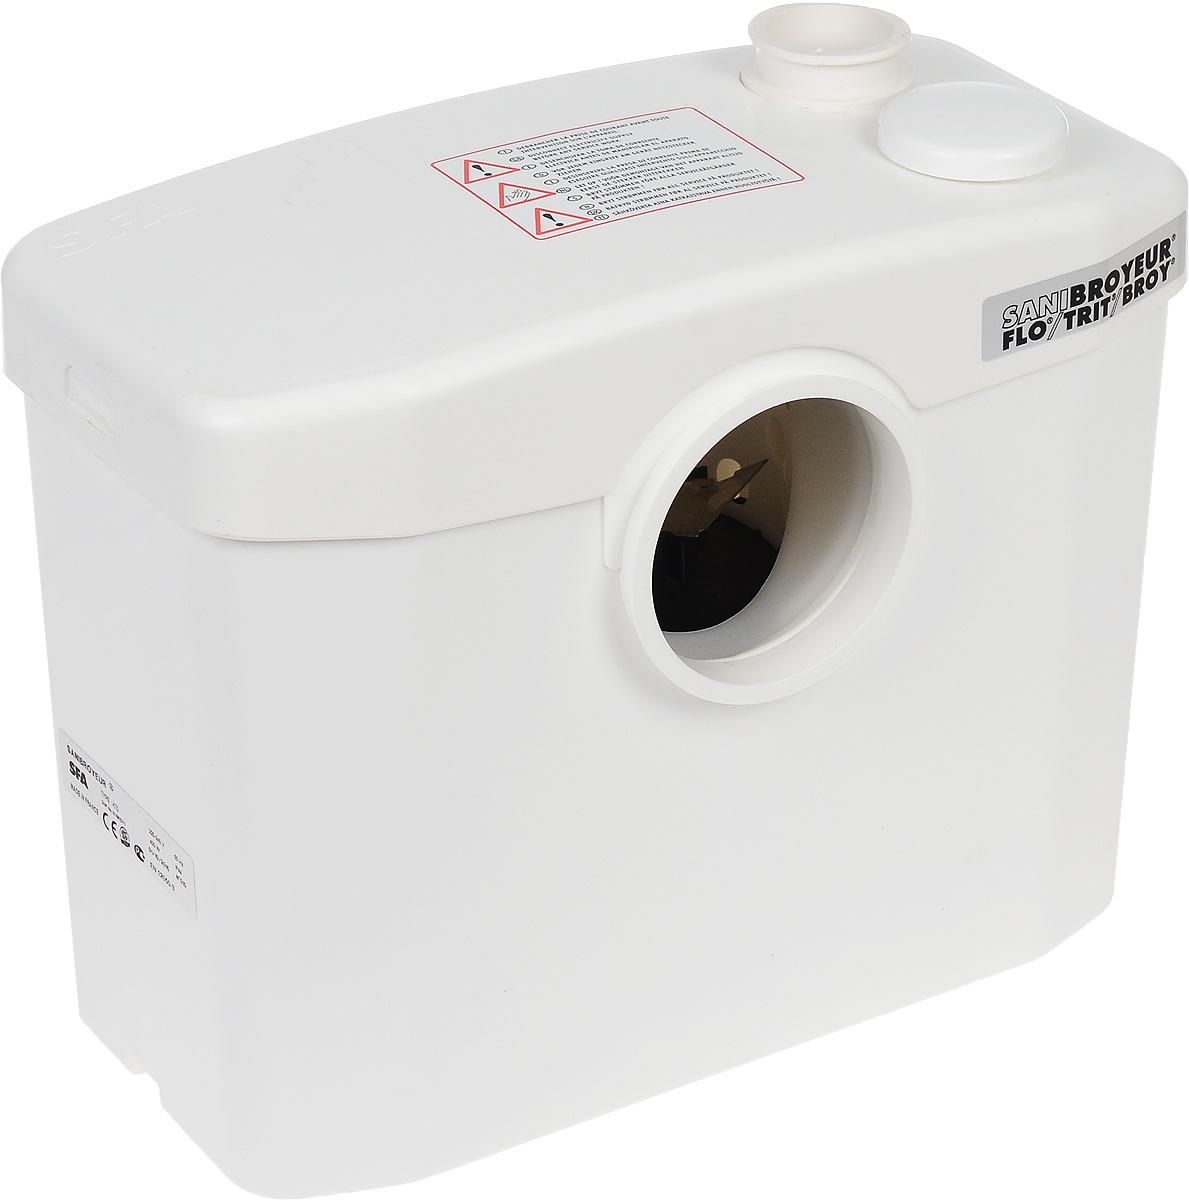 Насос санитарный SFA Sani BroyeurИС.120555Бесшумный насос SFA Sani Broyeur предназначен для установки для оборудования туалетной комнаты в местах, удаленных от канализации. Насос с режущим механизмом включается автоматически, при спуске воды из унитаза. Диаметр откачивания: 22/28/32 мм. Европейский стандарт: EN 12050-3. Максимальное откачивание по вертикали: 4 м. Максимальное откачивание по горизонтали: 100 м. Напряжение: 220-240 В/50 Гц. Режим работы мотора: 2800 об/мин. Средняя температура поступающих вод: 35°С. Уклон горизонтальных соединений: 3%.